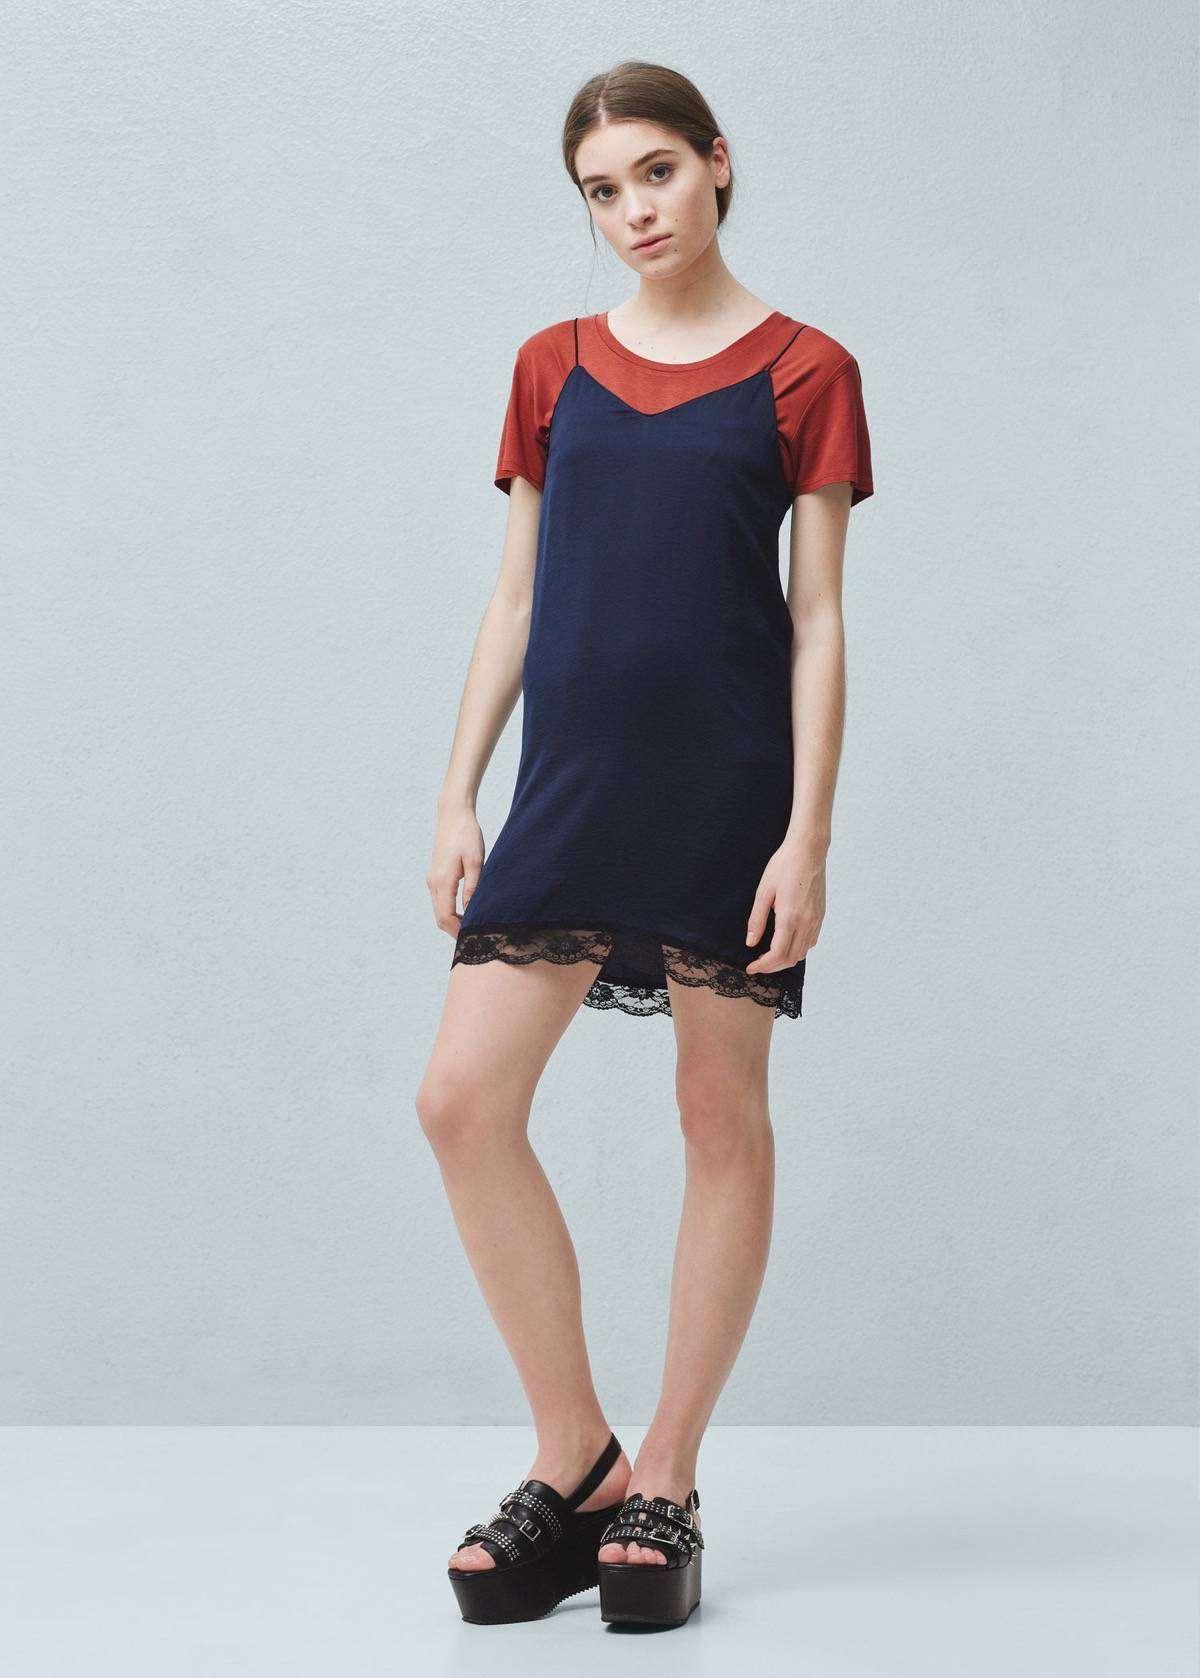 vestidos de verano - Vestido de MANGO / 10,99€